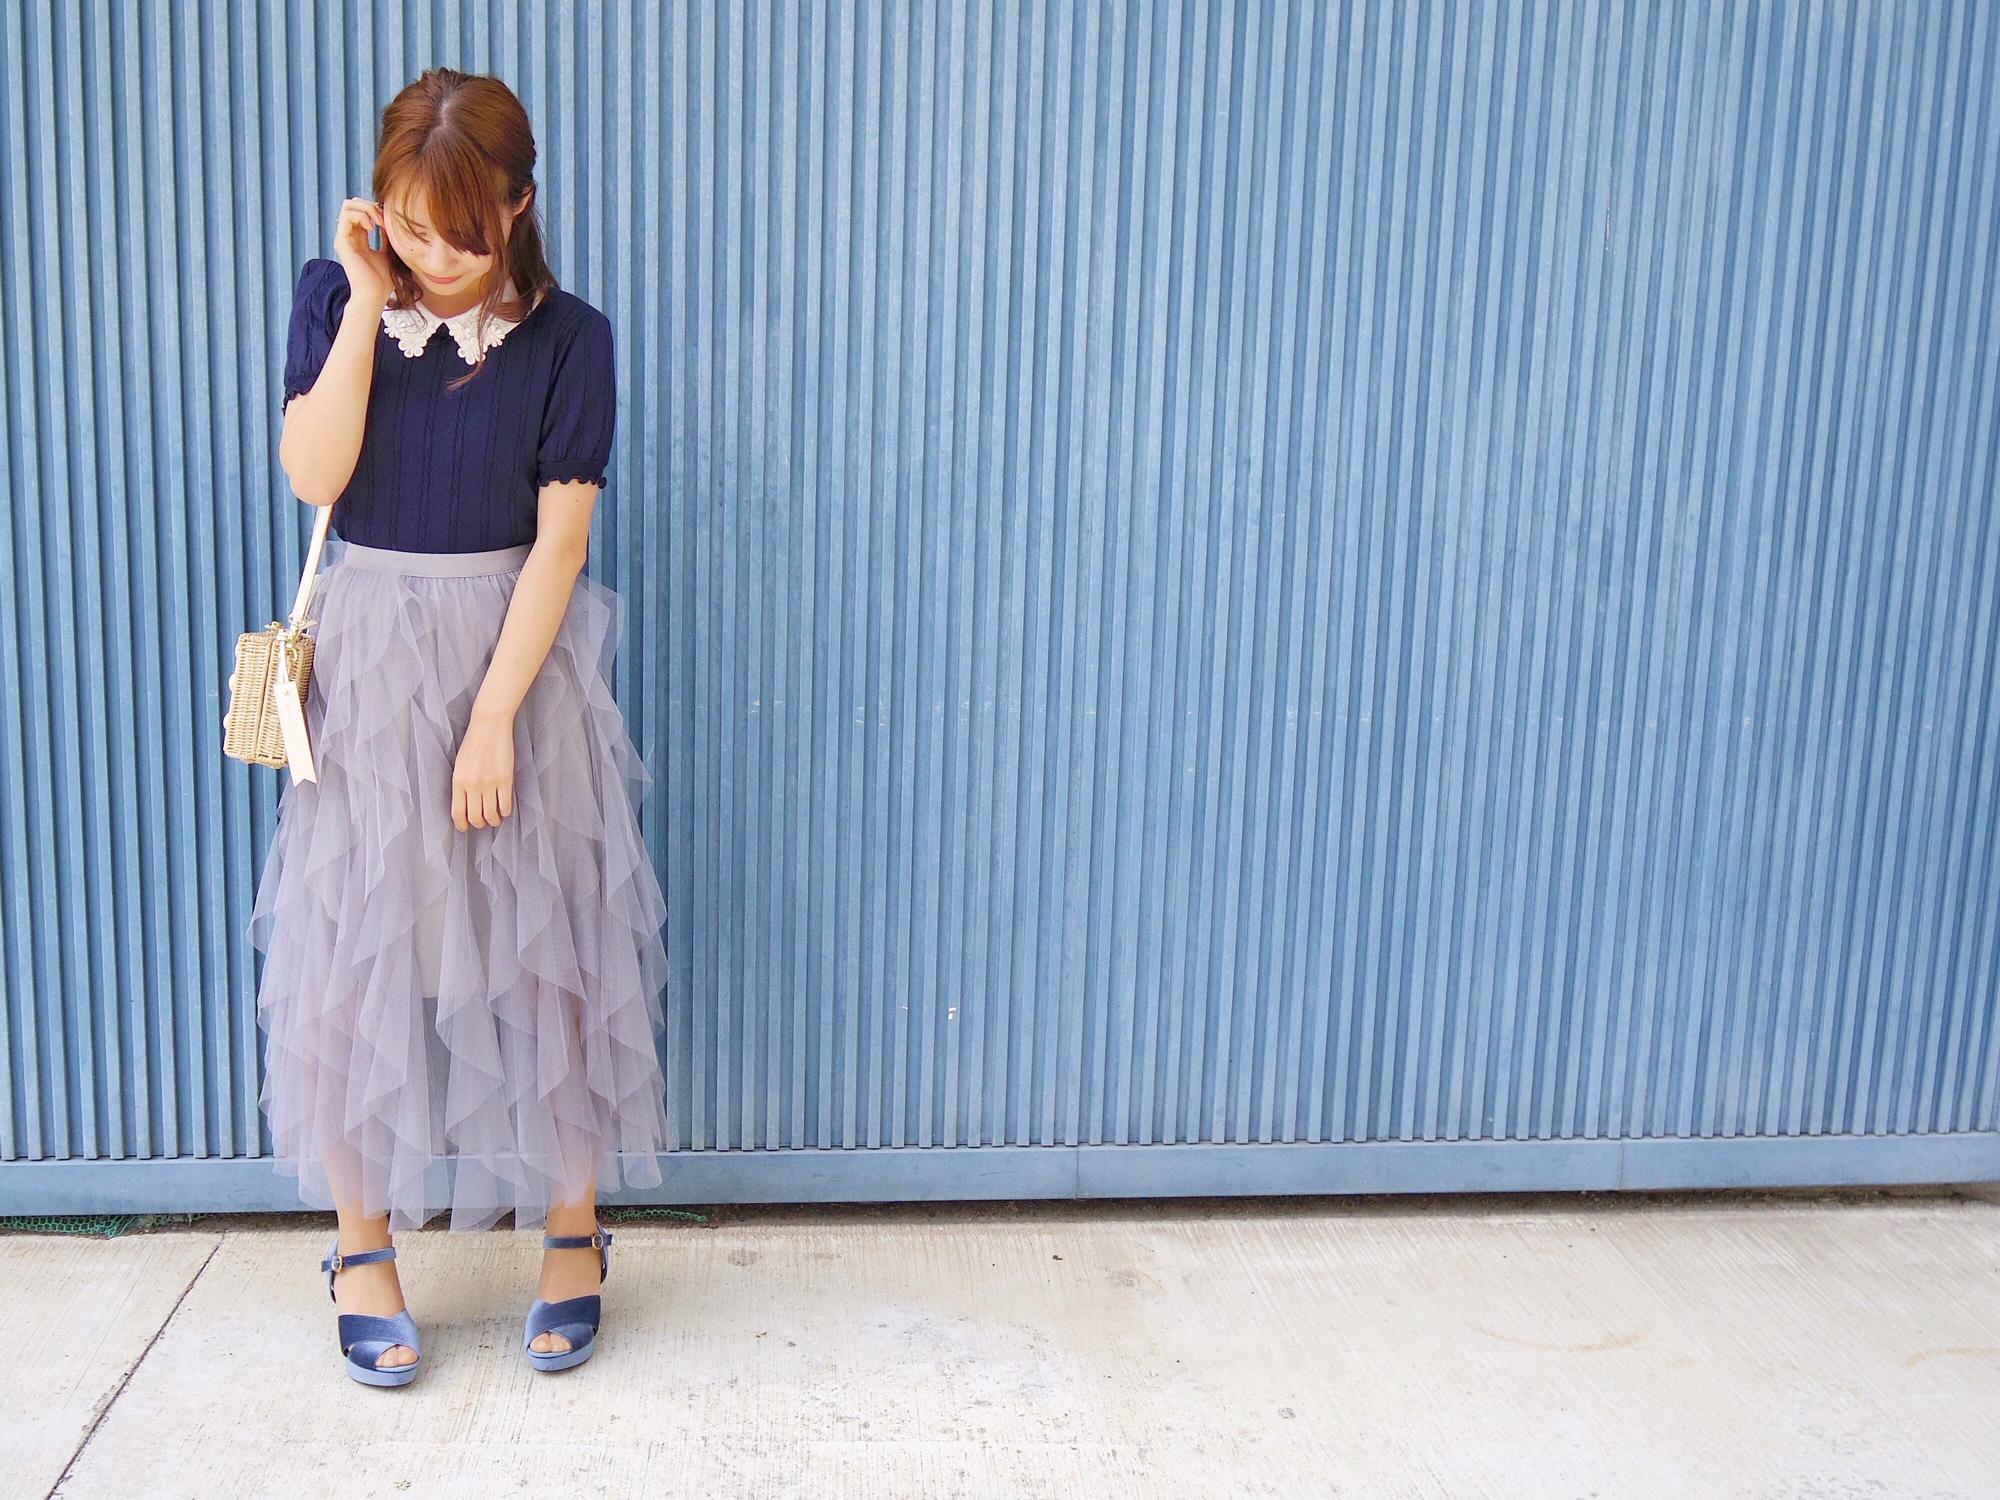 【れいかのヒロインコーデvol.4】韓国プチプラファッションで華やかさをプラス_1